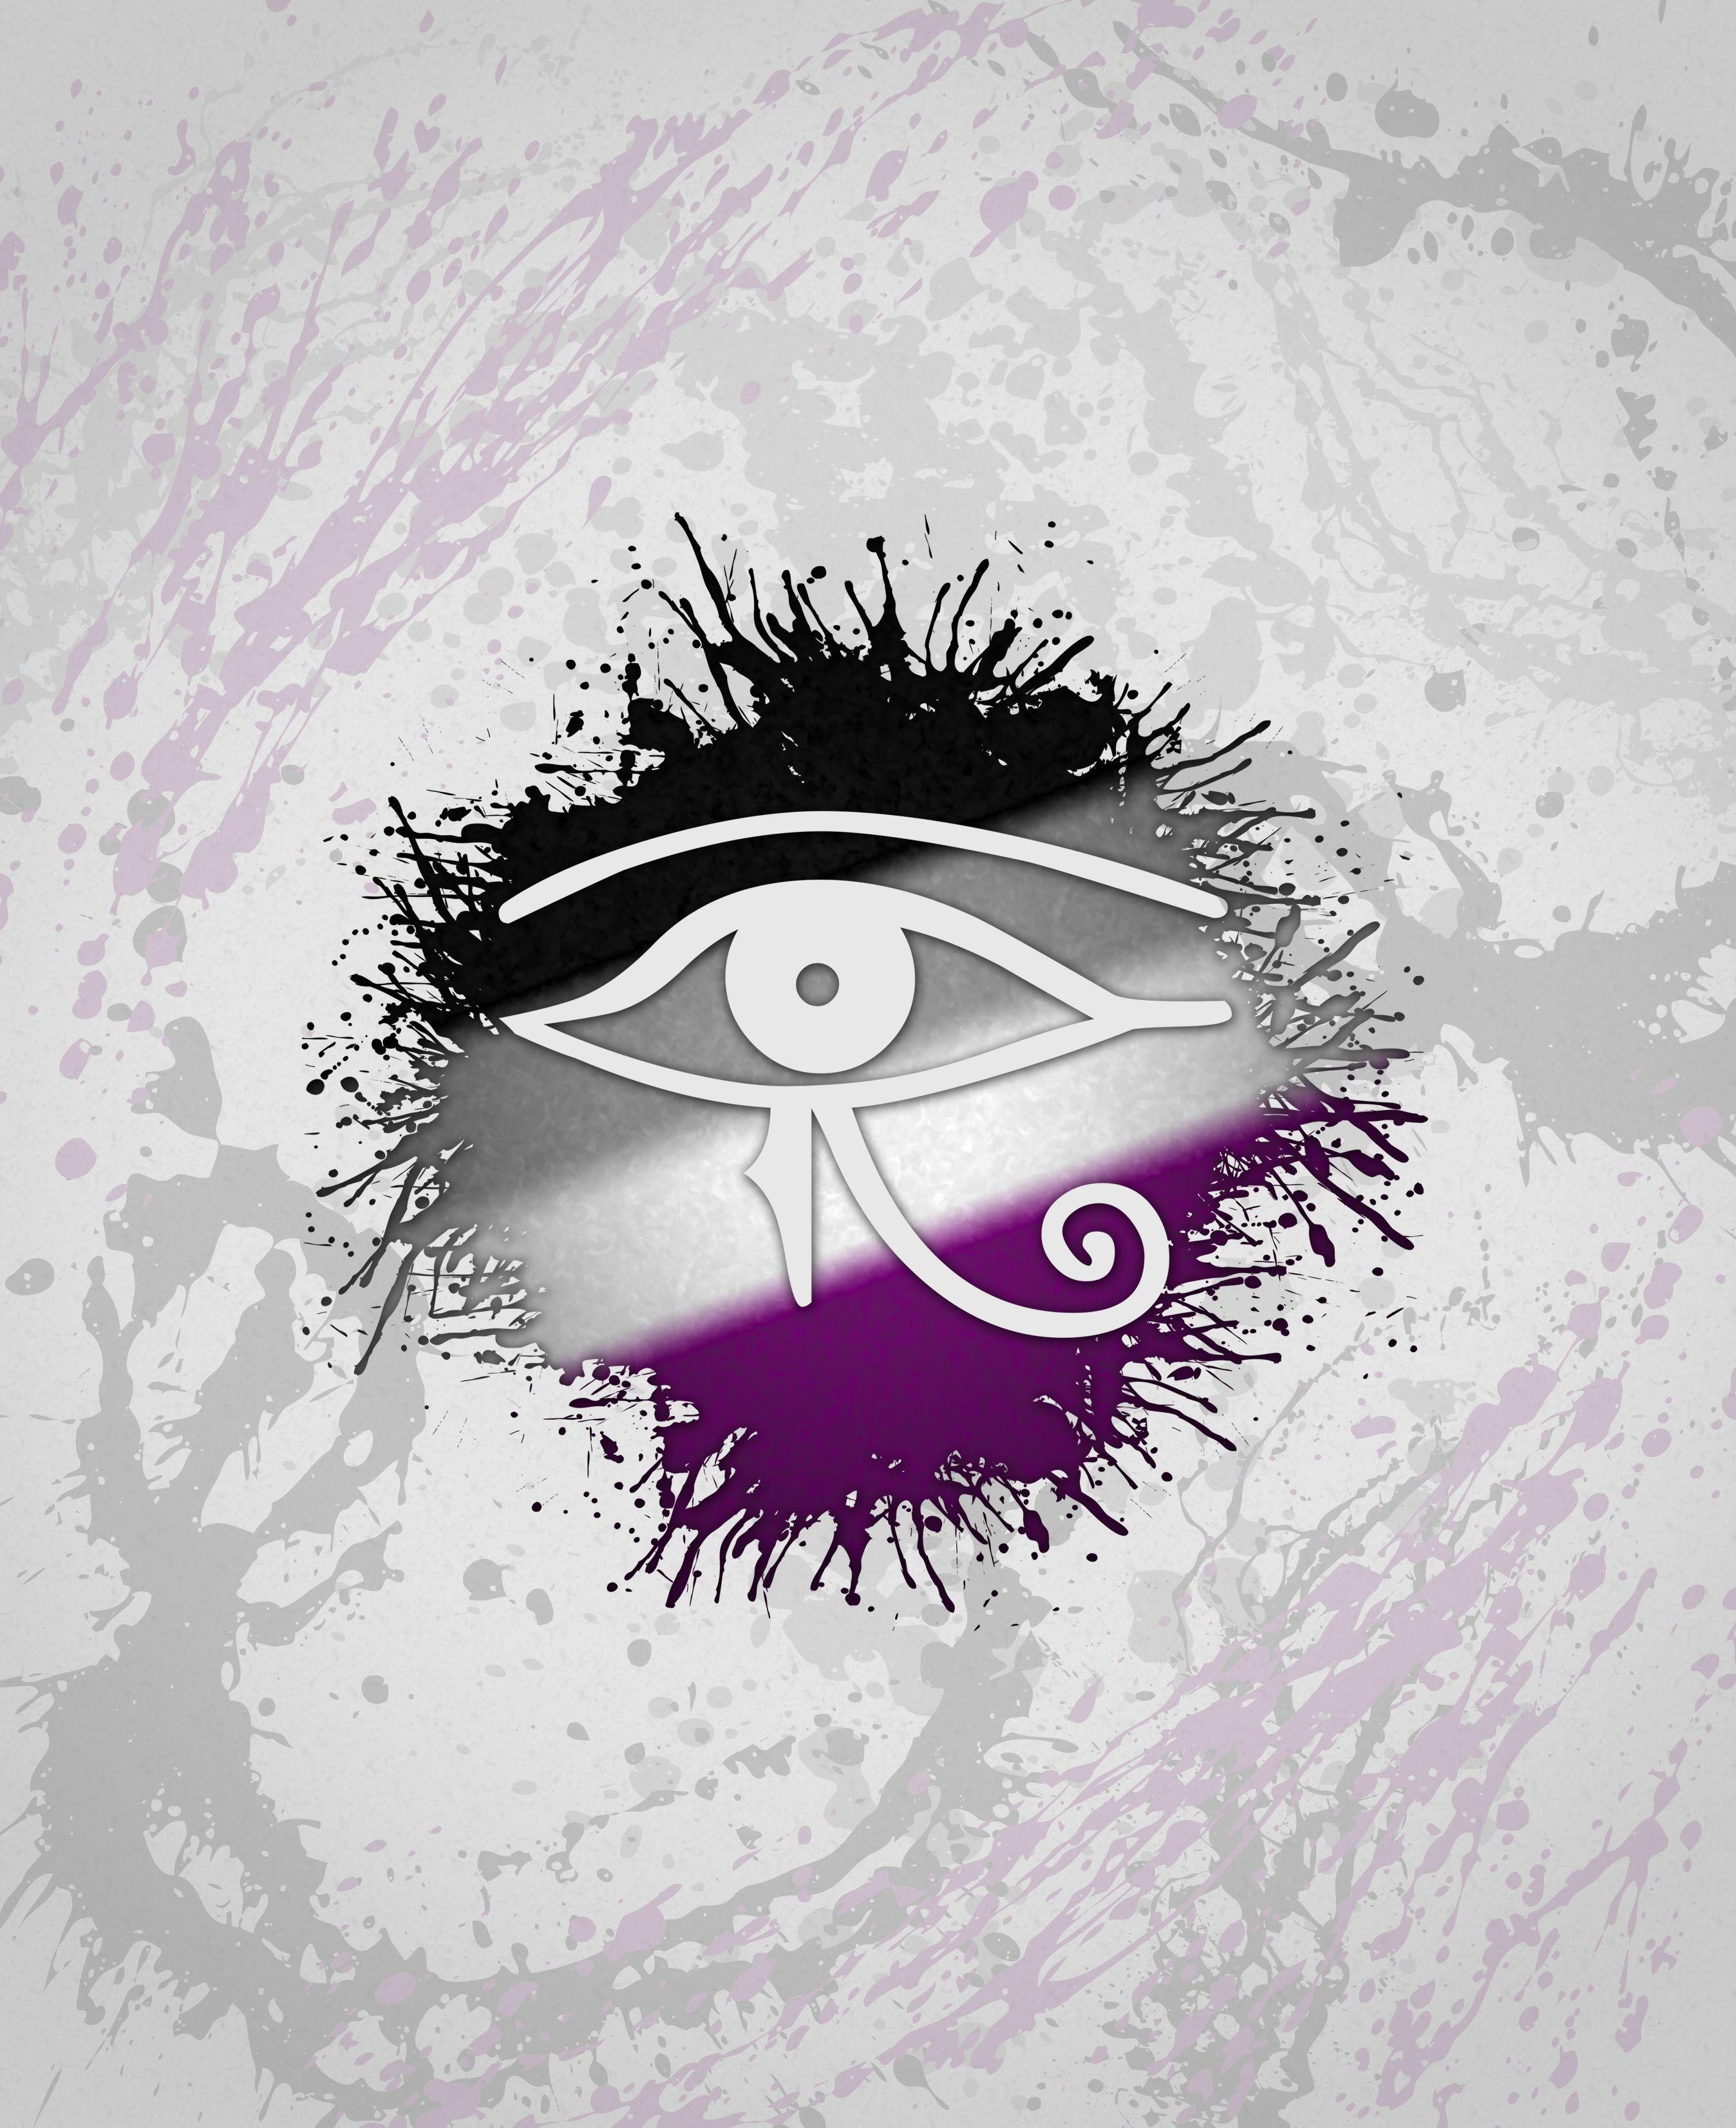 Egyptian eye of ra asexual egyptian eye of ra in asexual pride egyptian eye of ra asexual egyptian eye of ra in asexual pride colors asexy community biocorpaavc